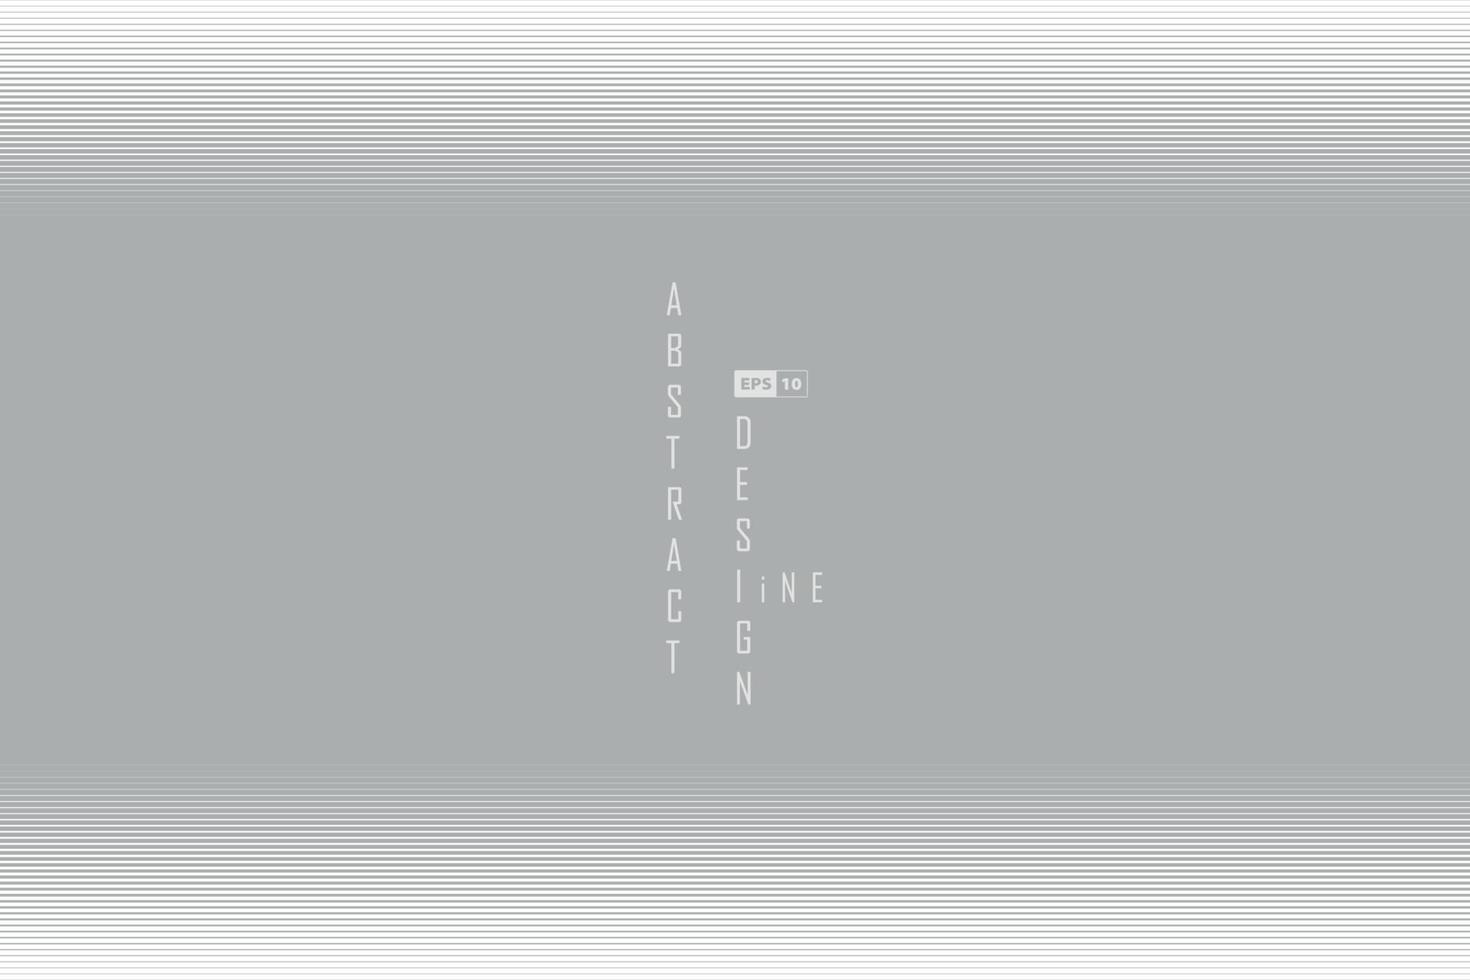 abstrakte Linie graues und weißes Design der Halbtondekoration. Illustrationsvektor vektor